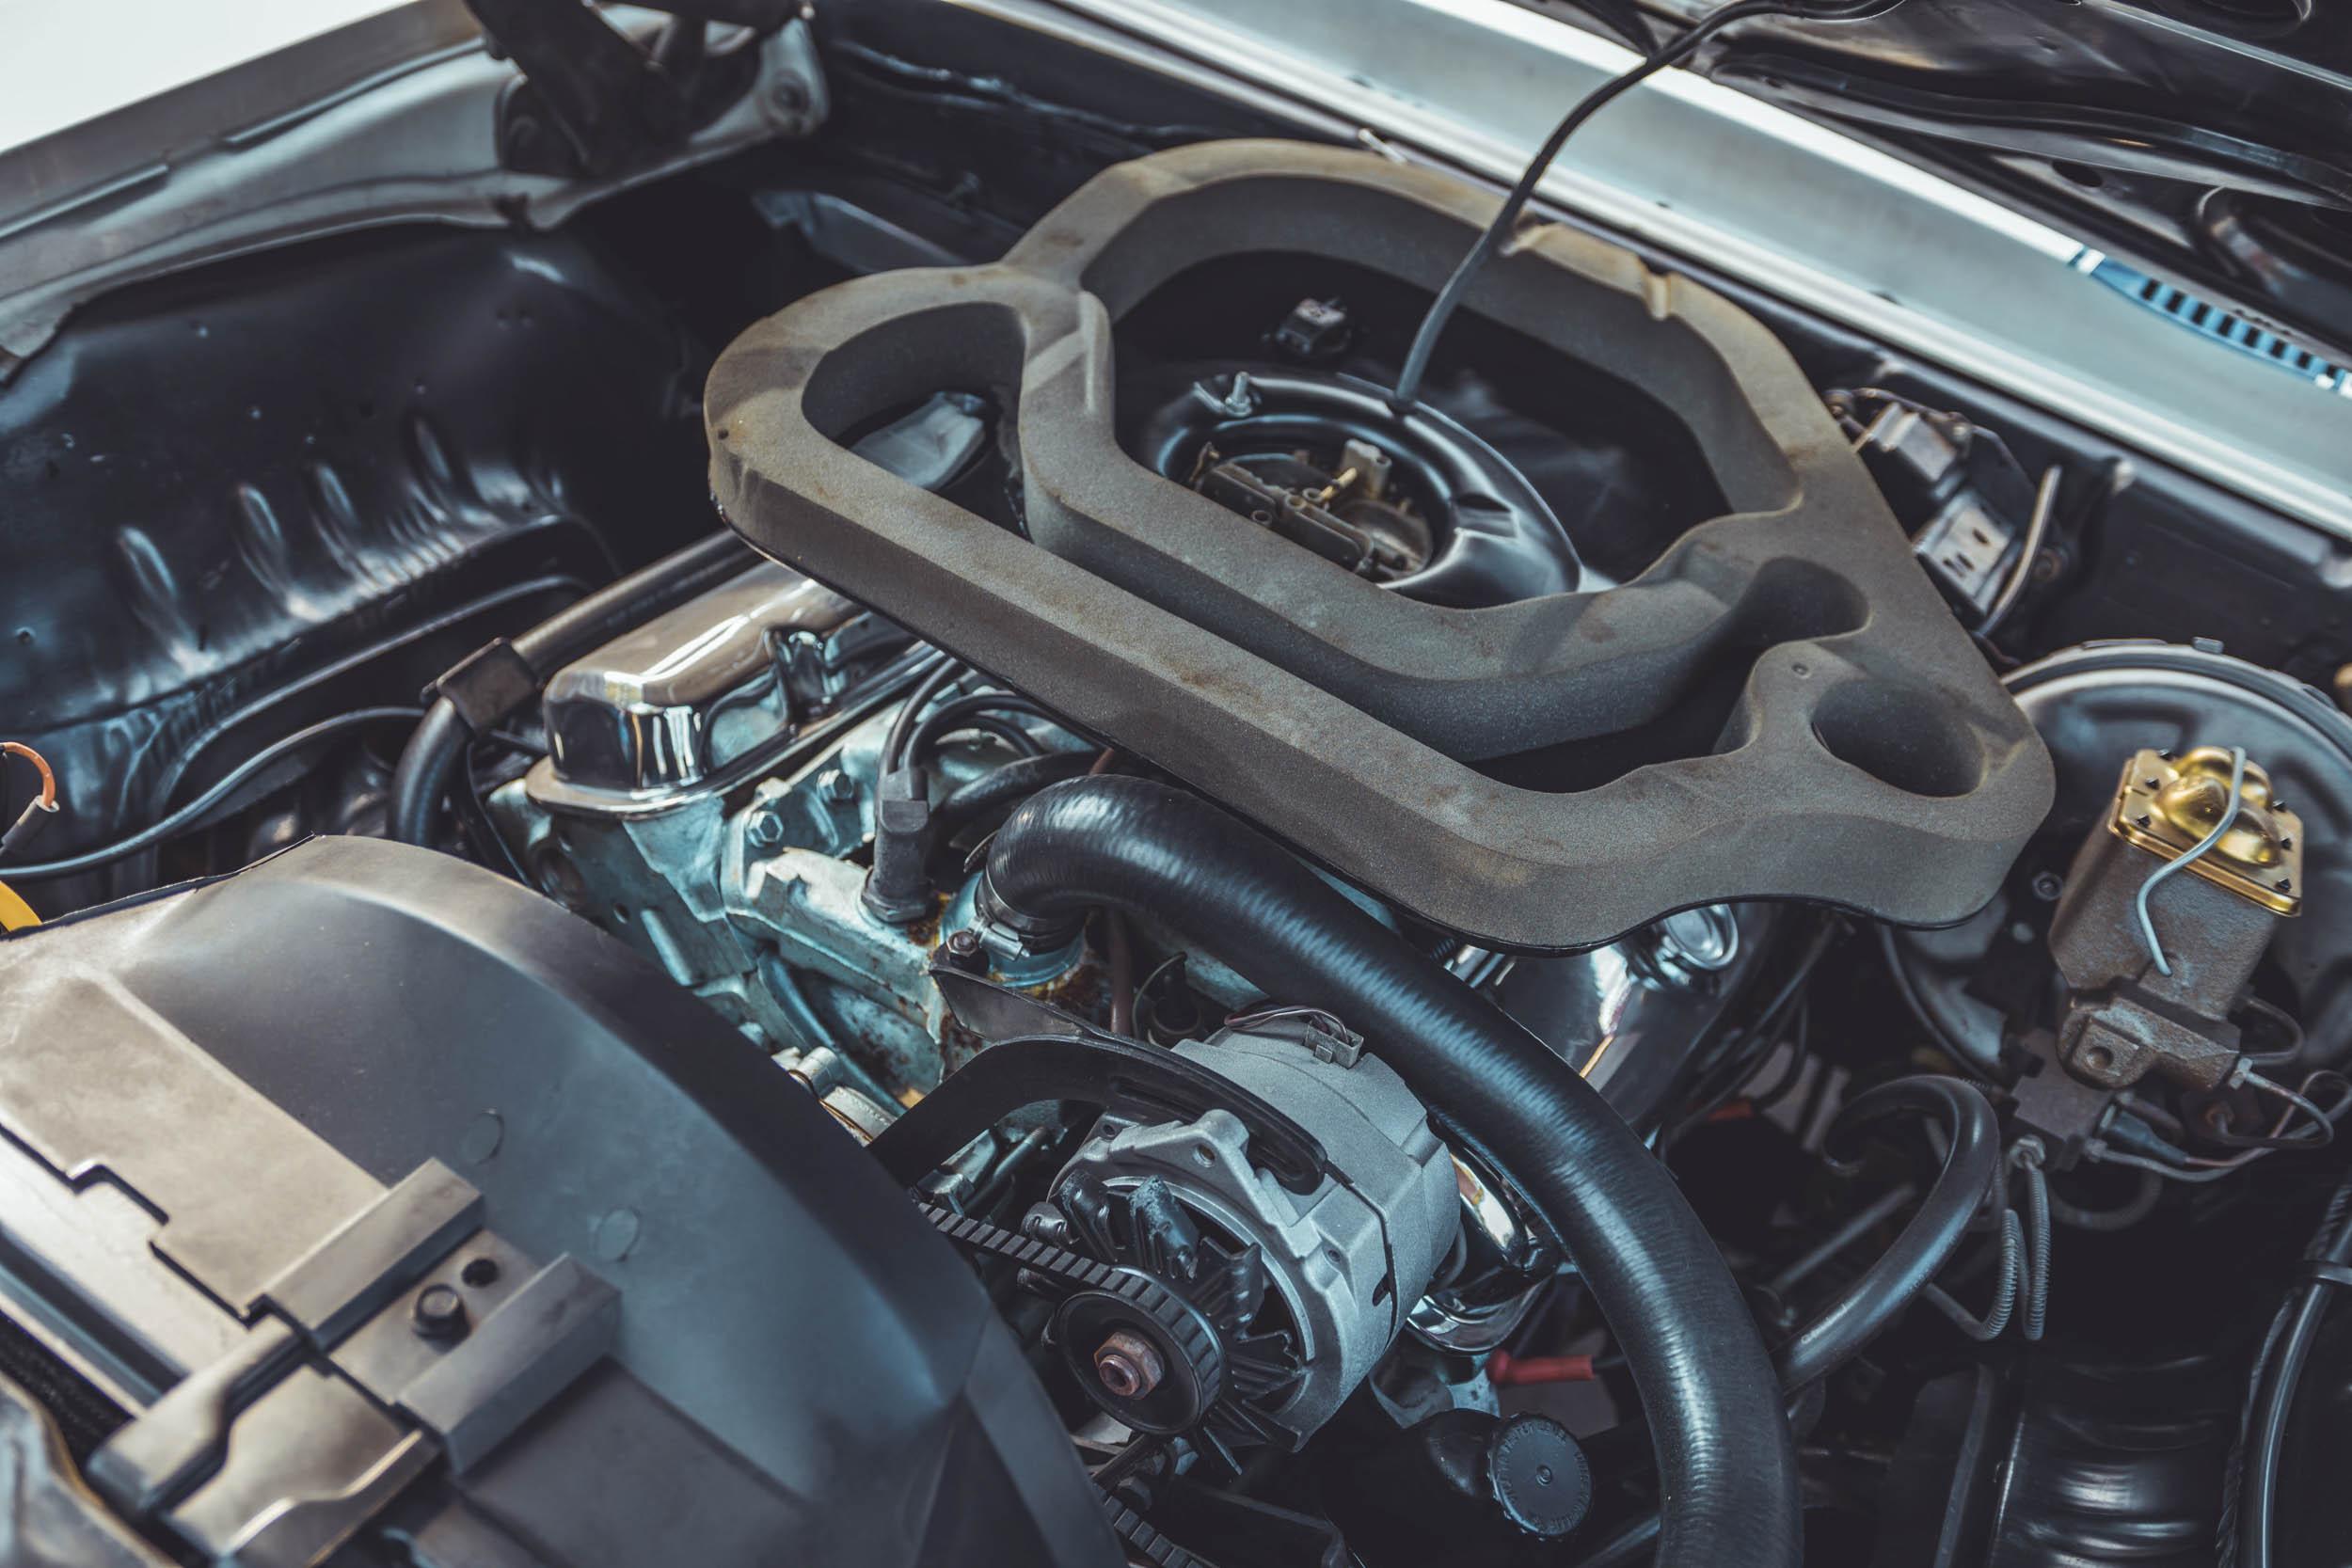 Pontiac Trans Am engine